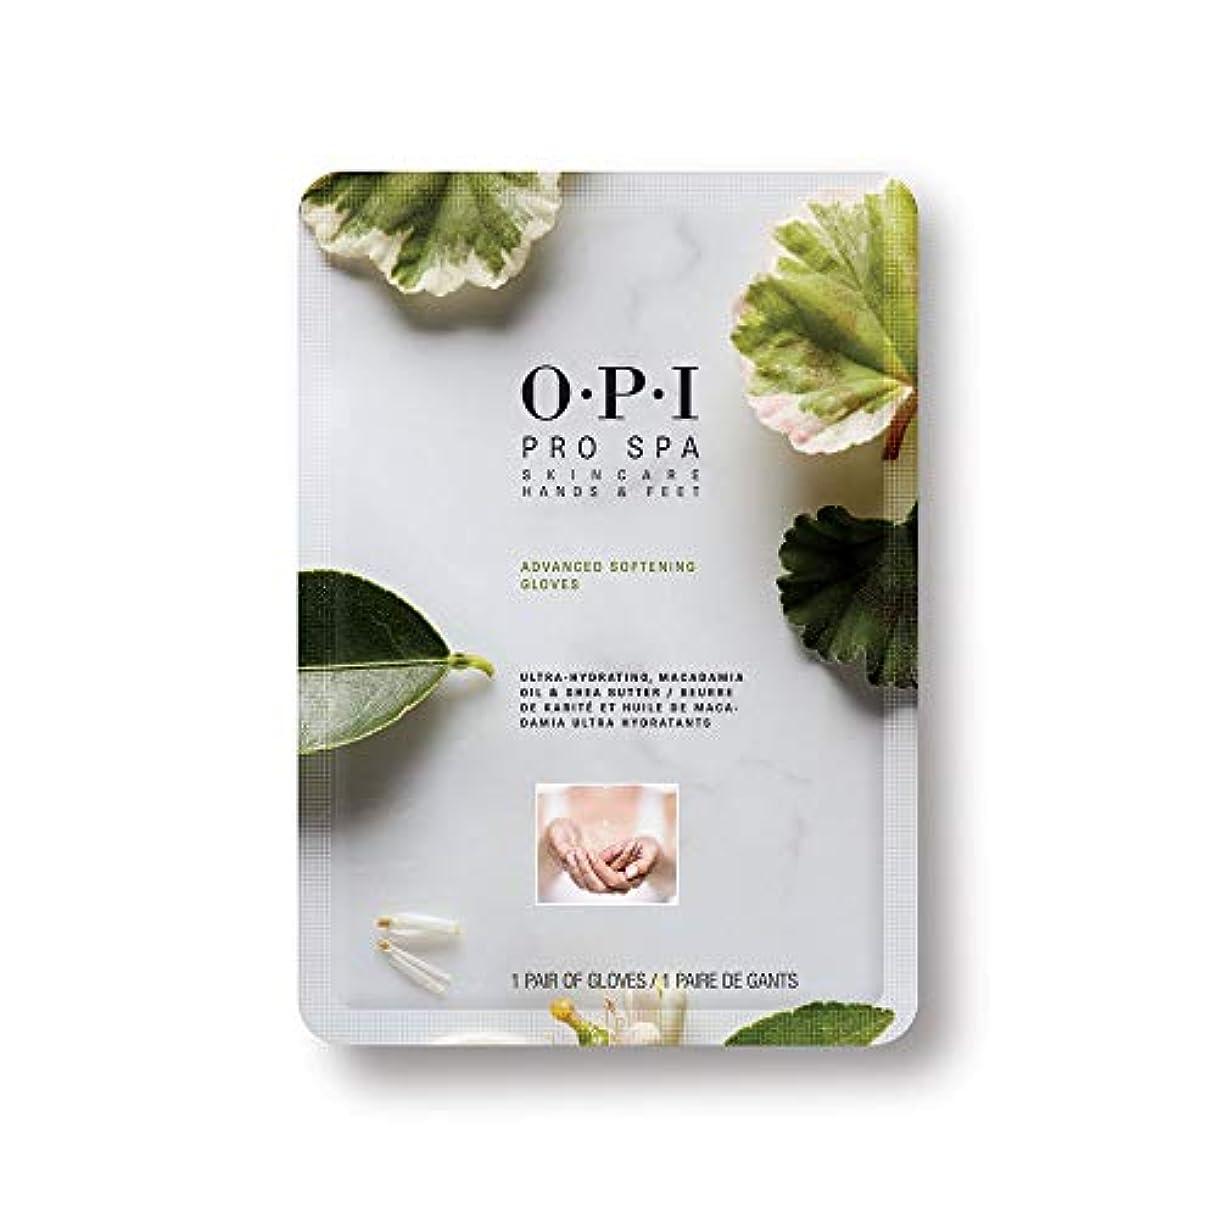 誓うリボン霊OPI(オーピーアイ) プロスパ アドバンス ソフニング グローブ 美容液 26ml/1パック2枚入